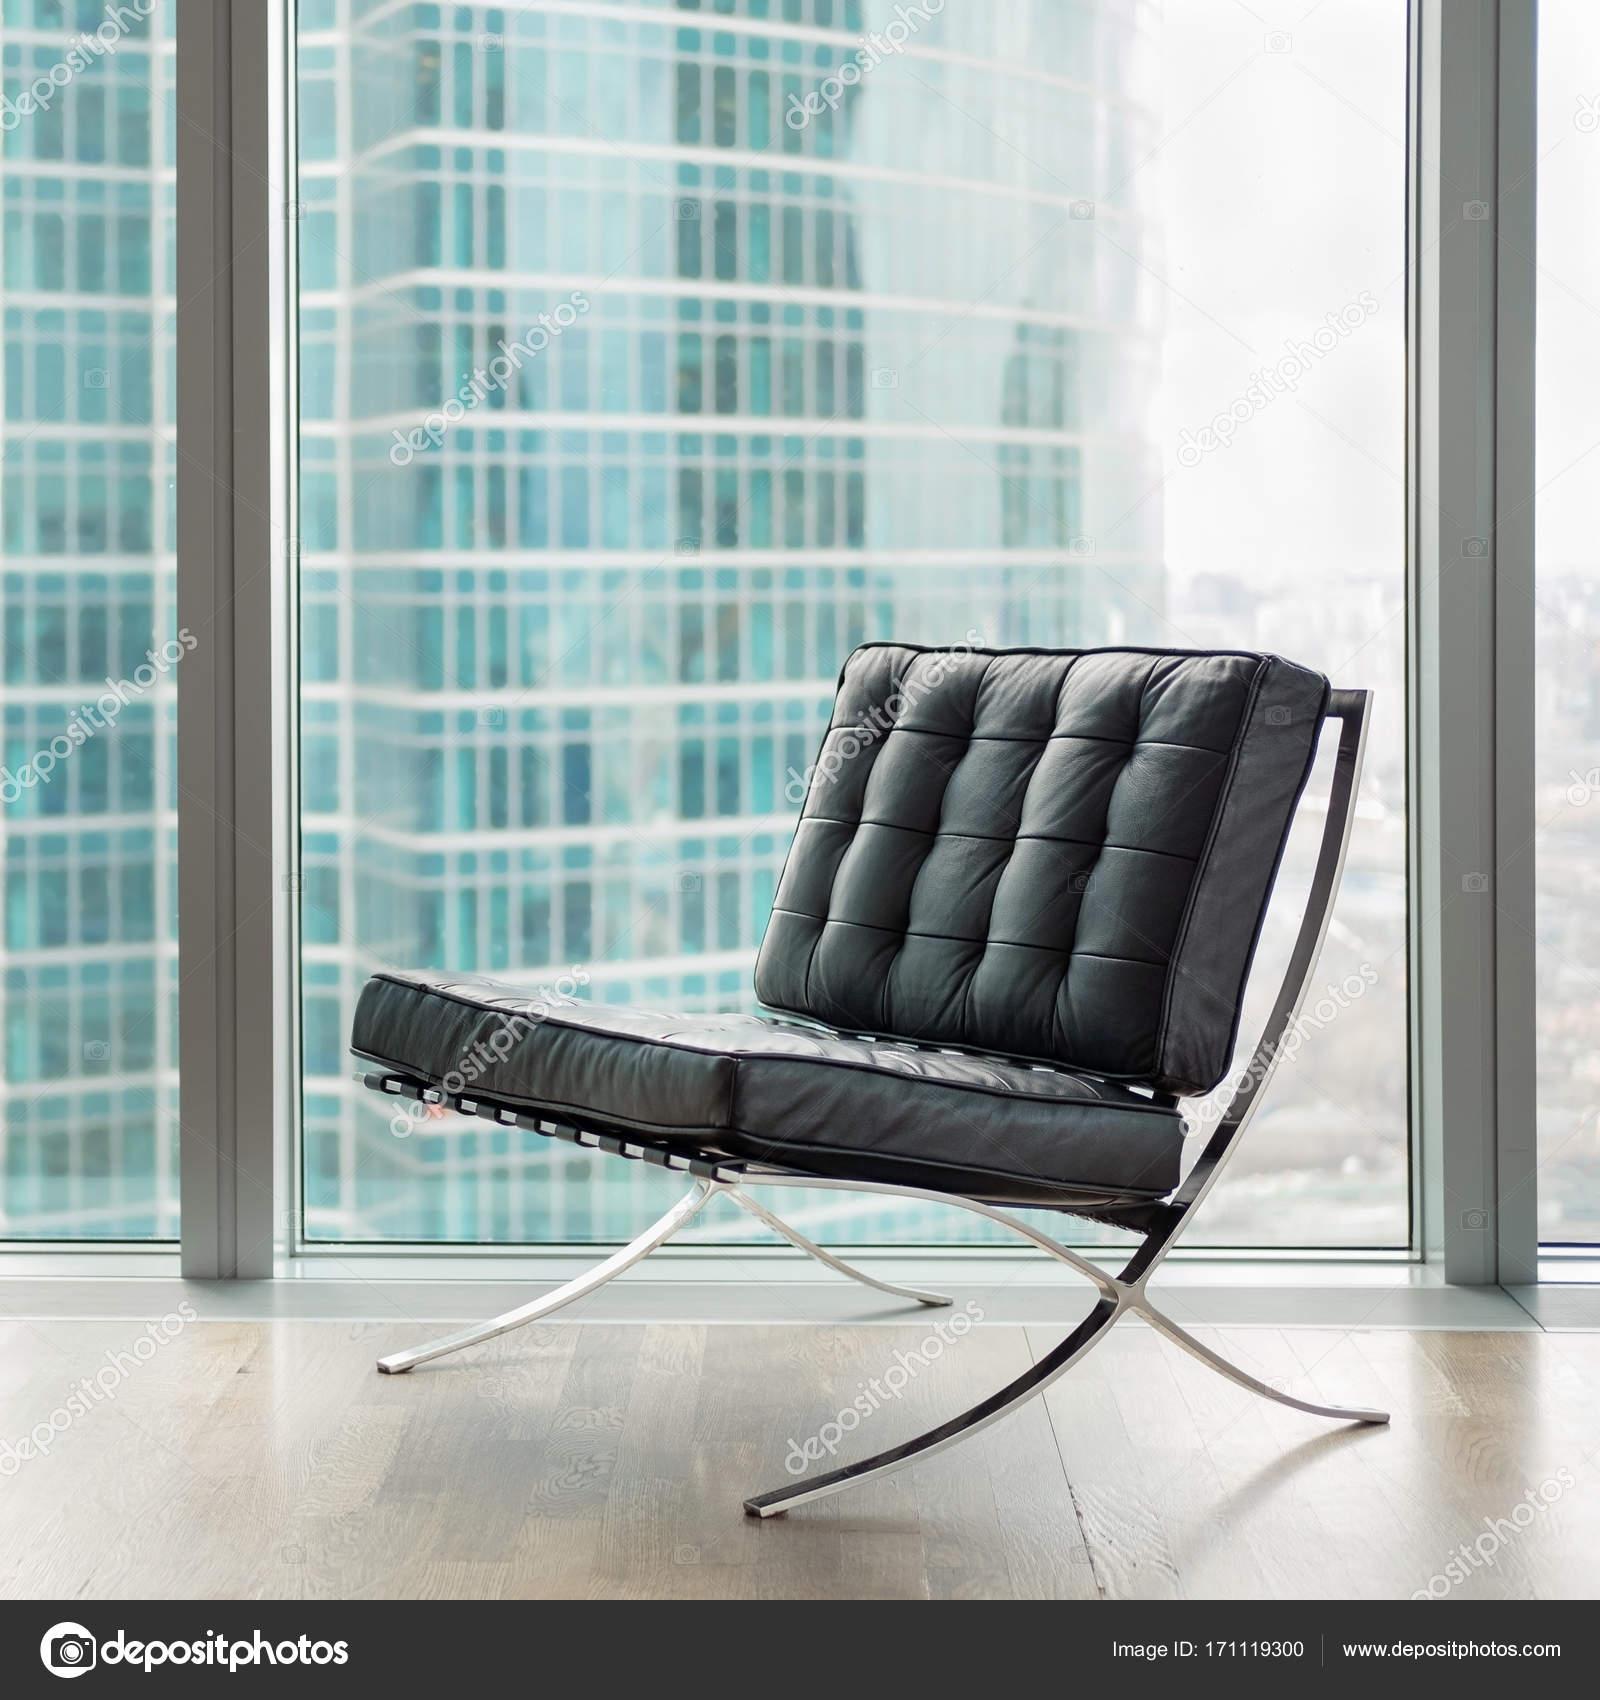 Moderne Lederen Fauteuil.Moderne Lederen Fauteuil In Office Stockfoto C Dmitry